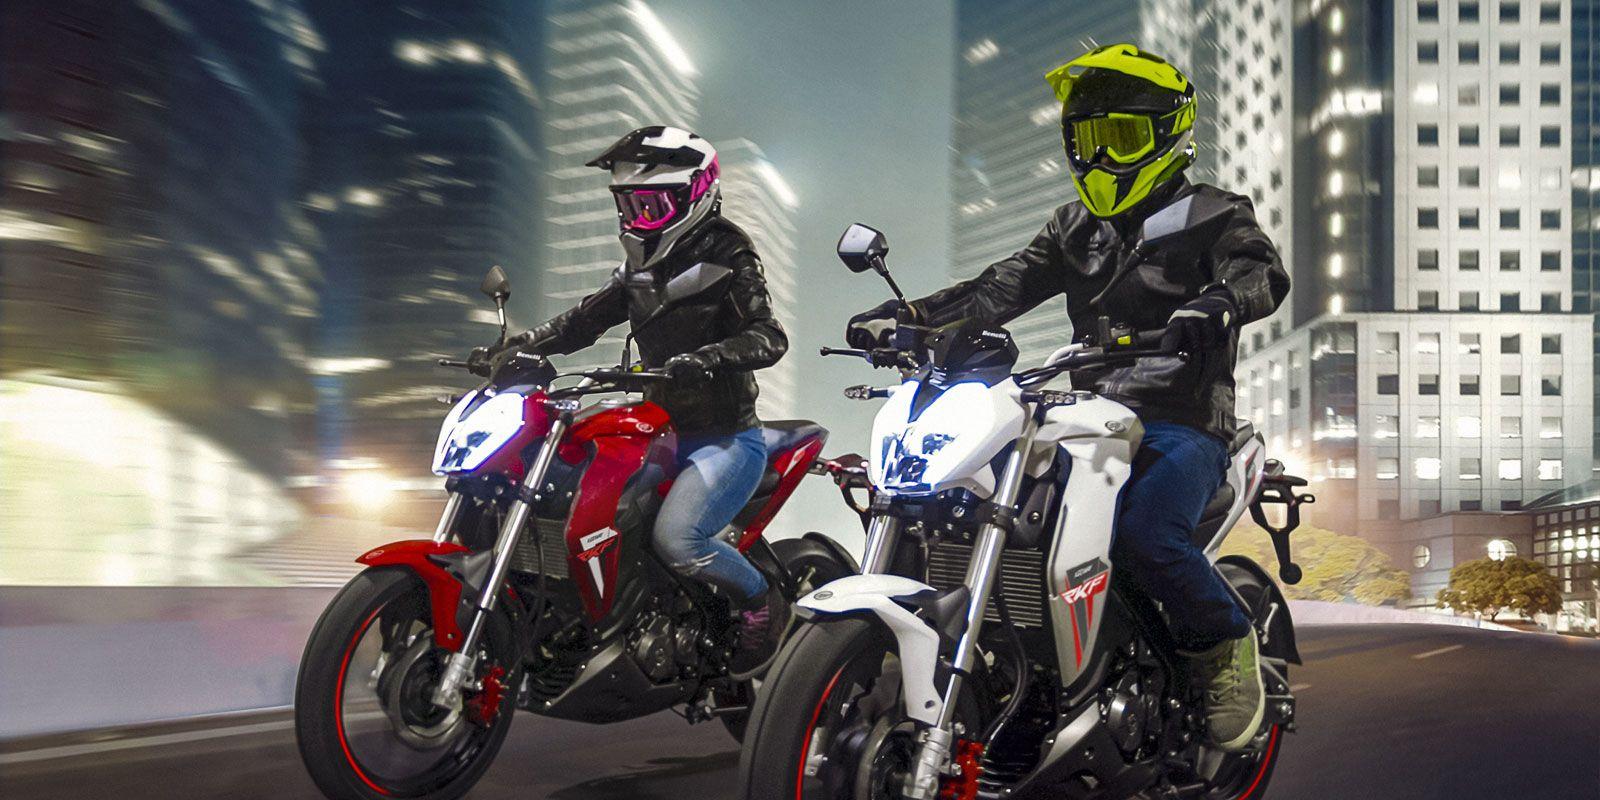 Keeway best selling learner legal 125cc bike motorcycle